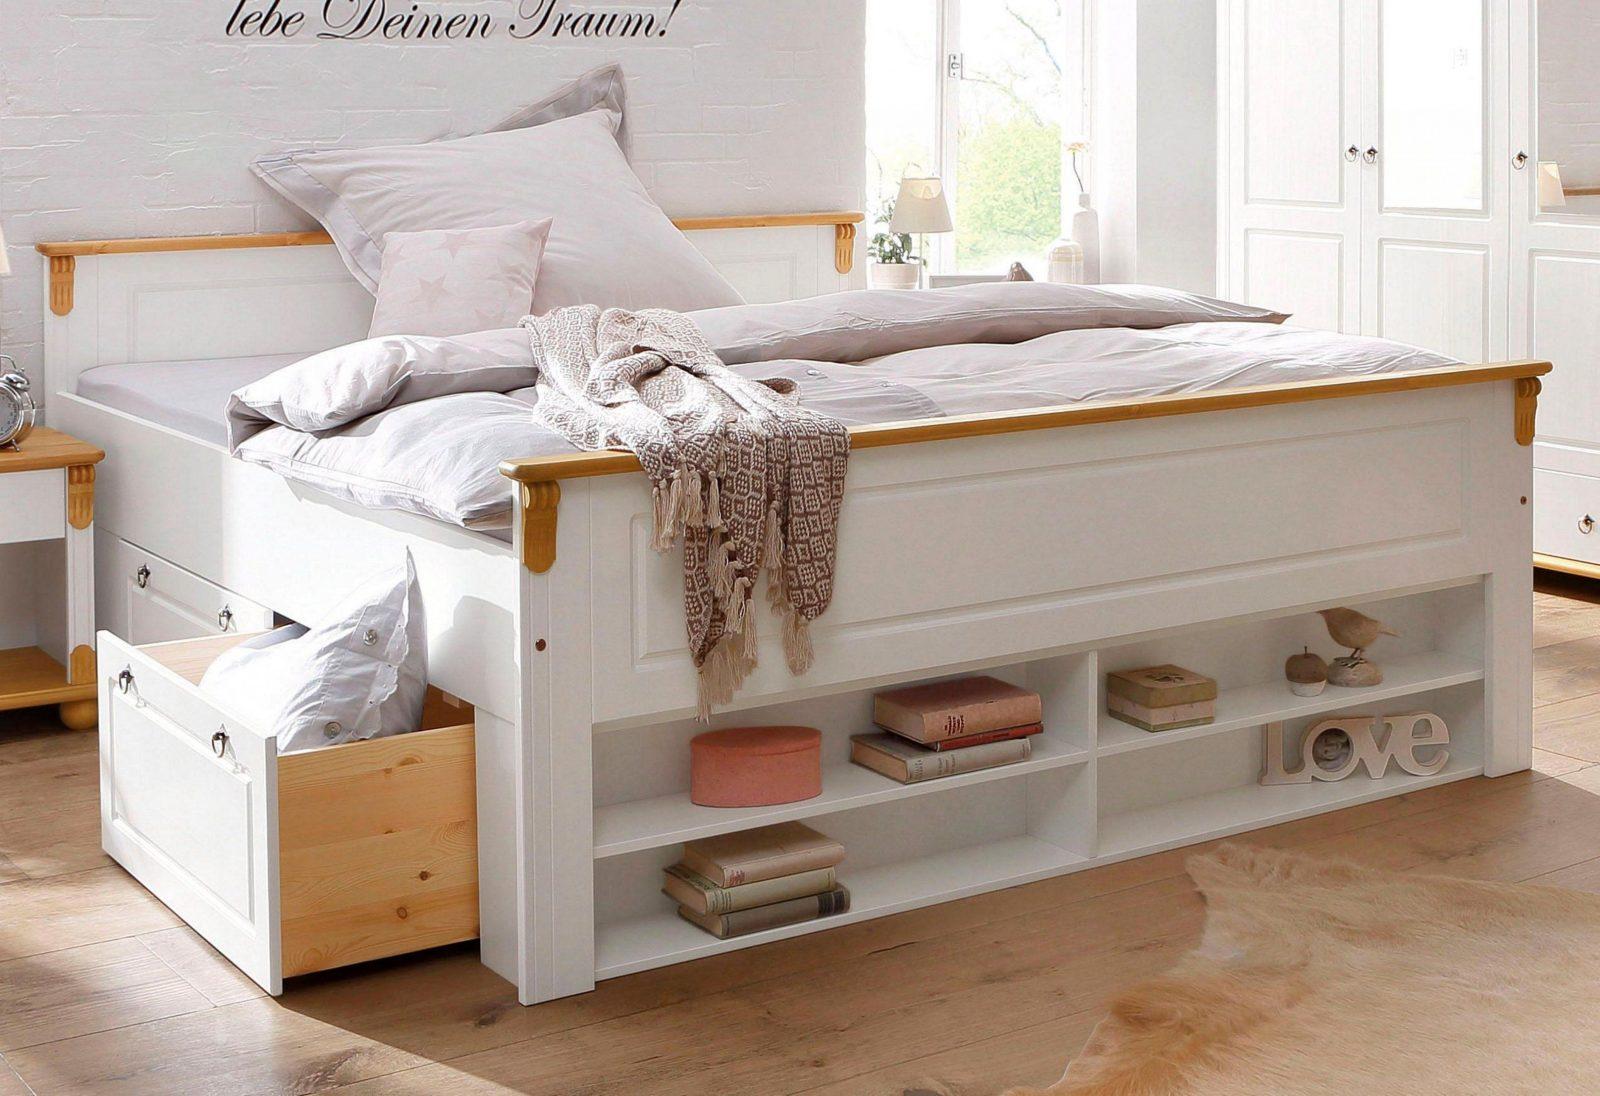 Beste Bett Mit Stauraum 140X200 Till Funktionsbett Singlebett Für von Bett Mit Aufbewahrung 140X200 Photo